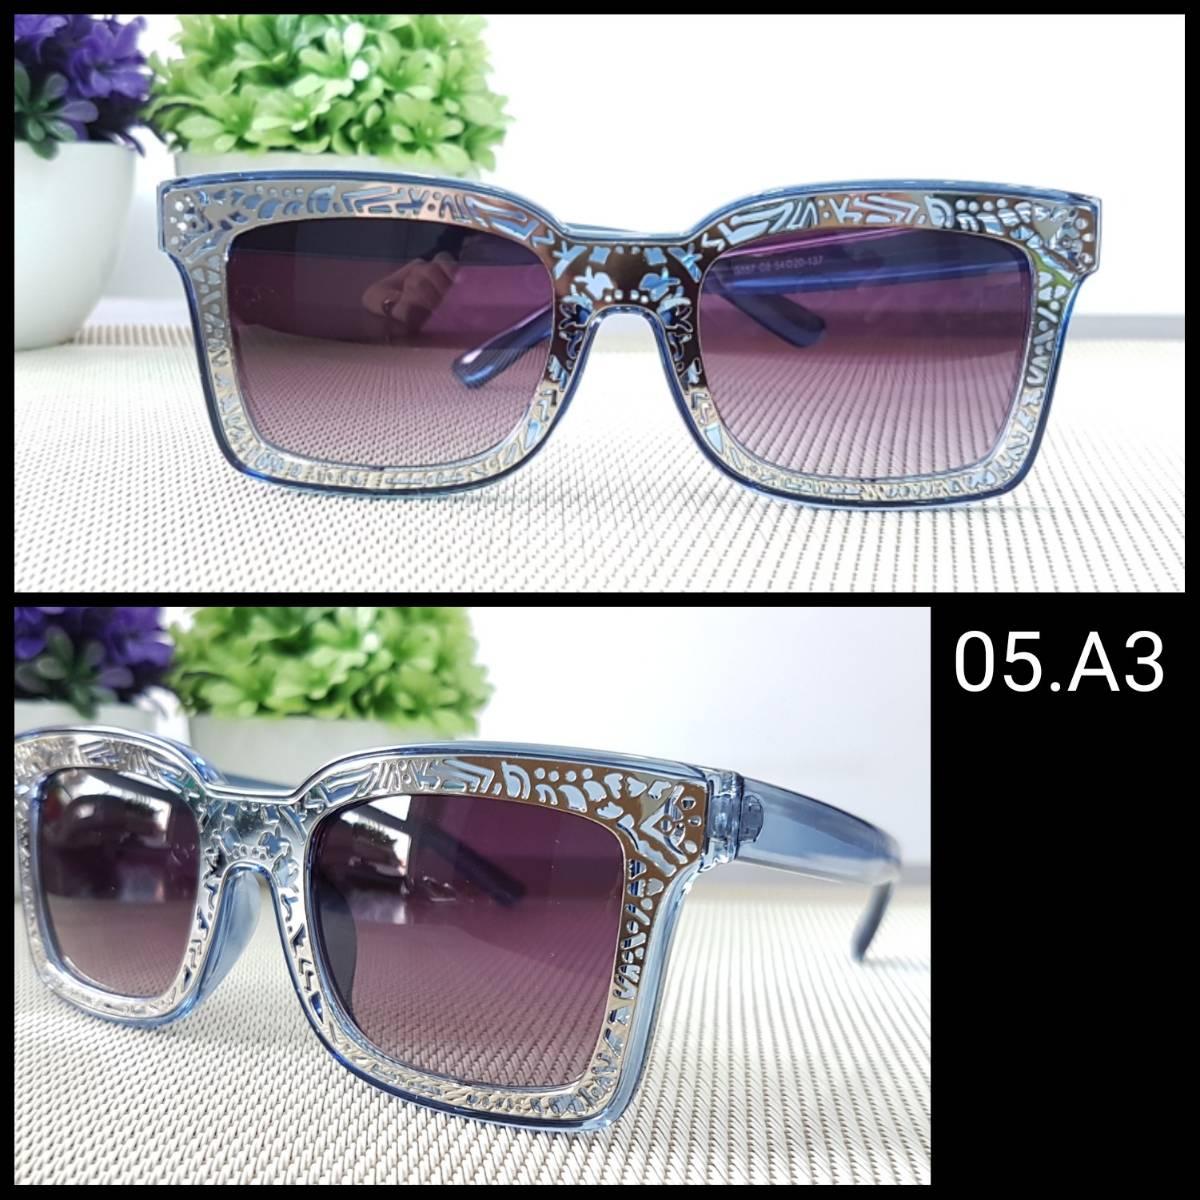 Kacamata Zorro Z Blue1